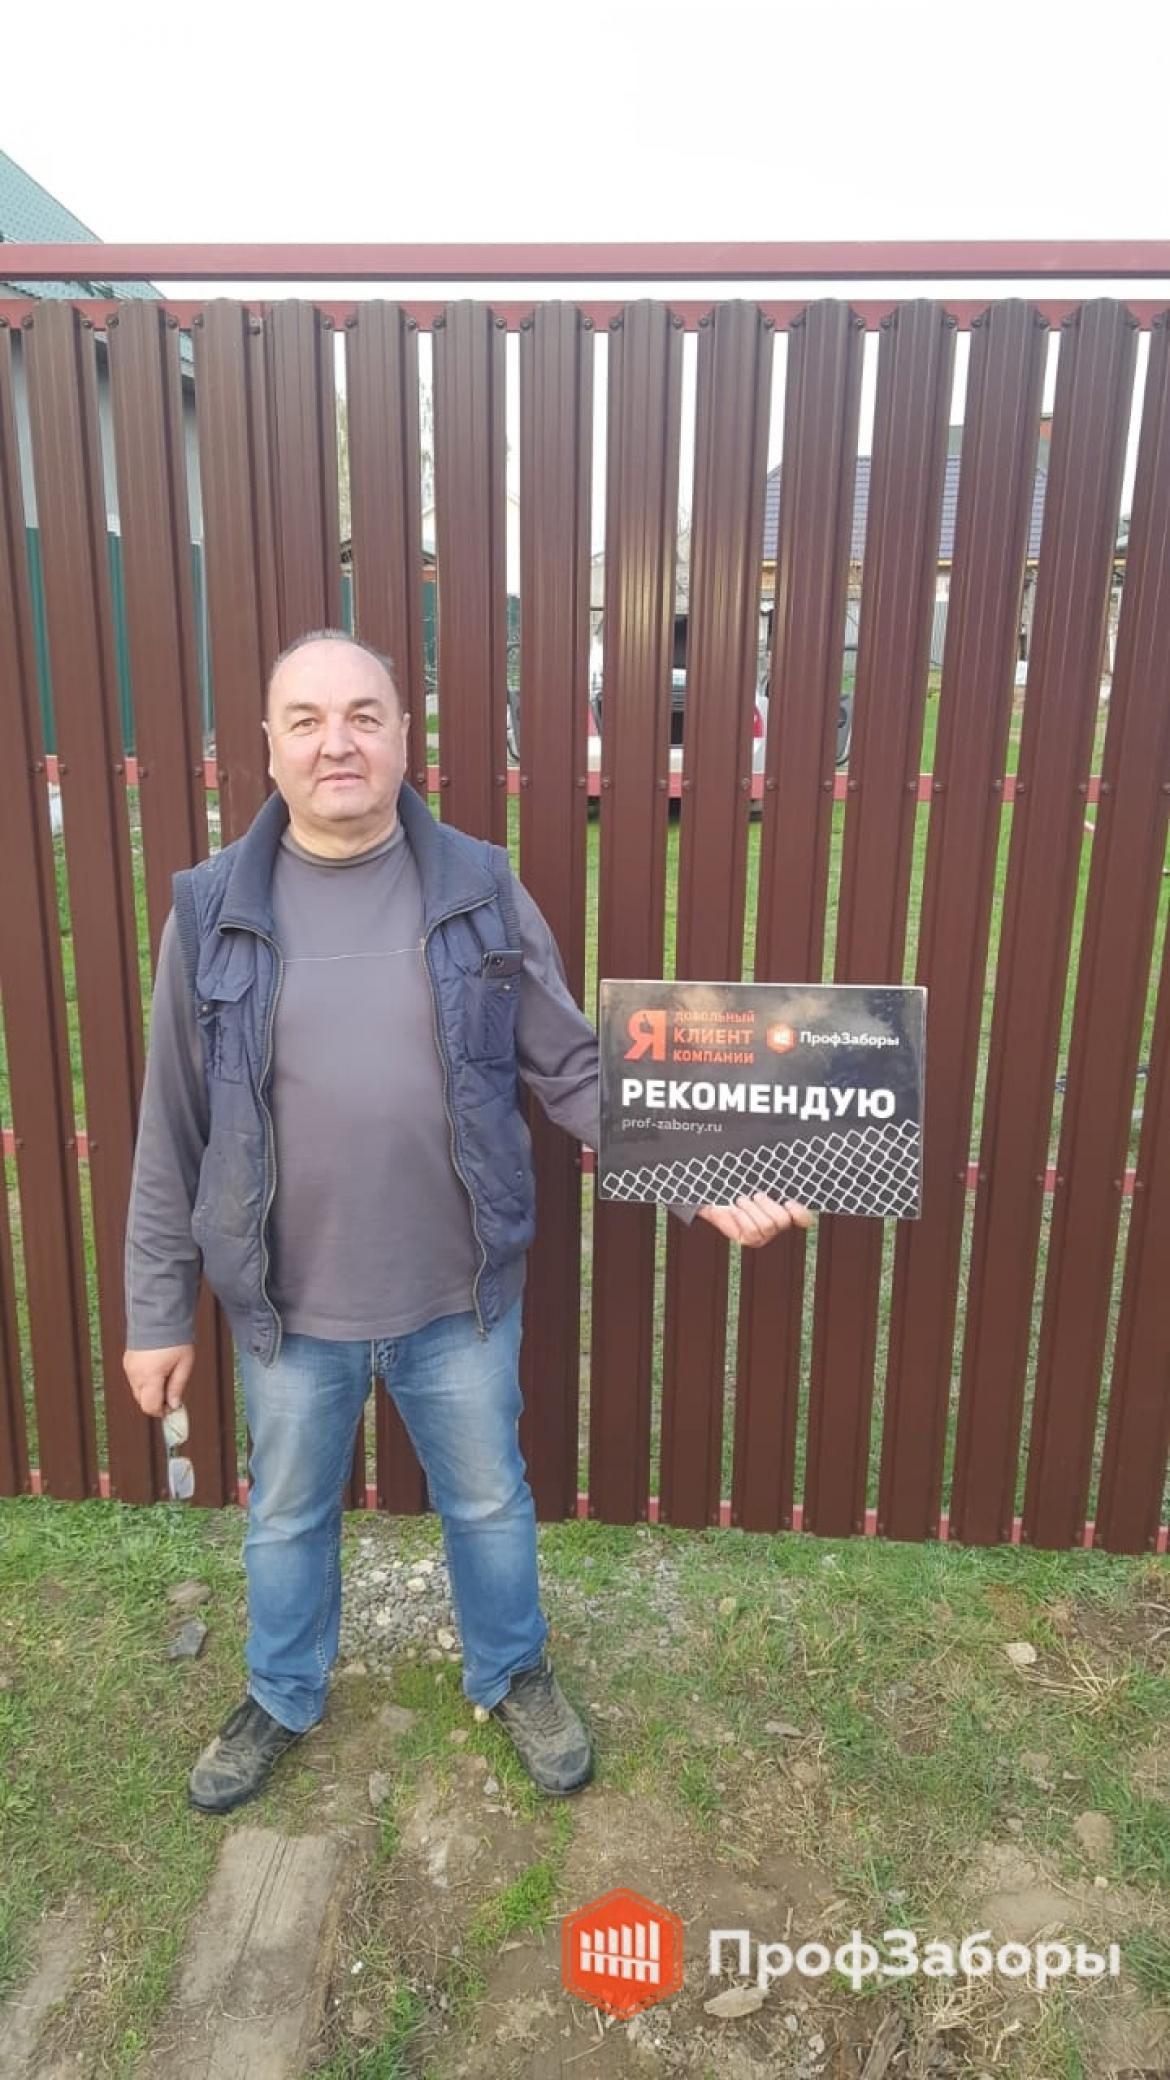 Заборы Из евроштакетника - Городской округ Домодедово. Фото 1